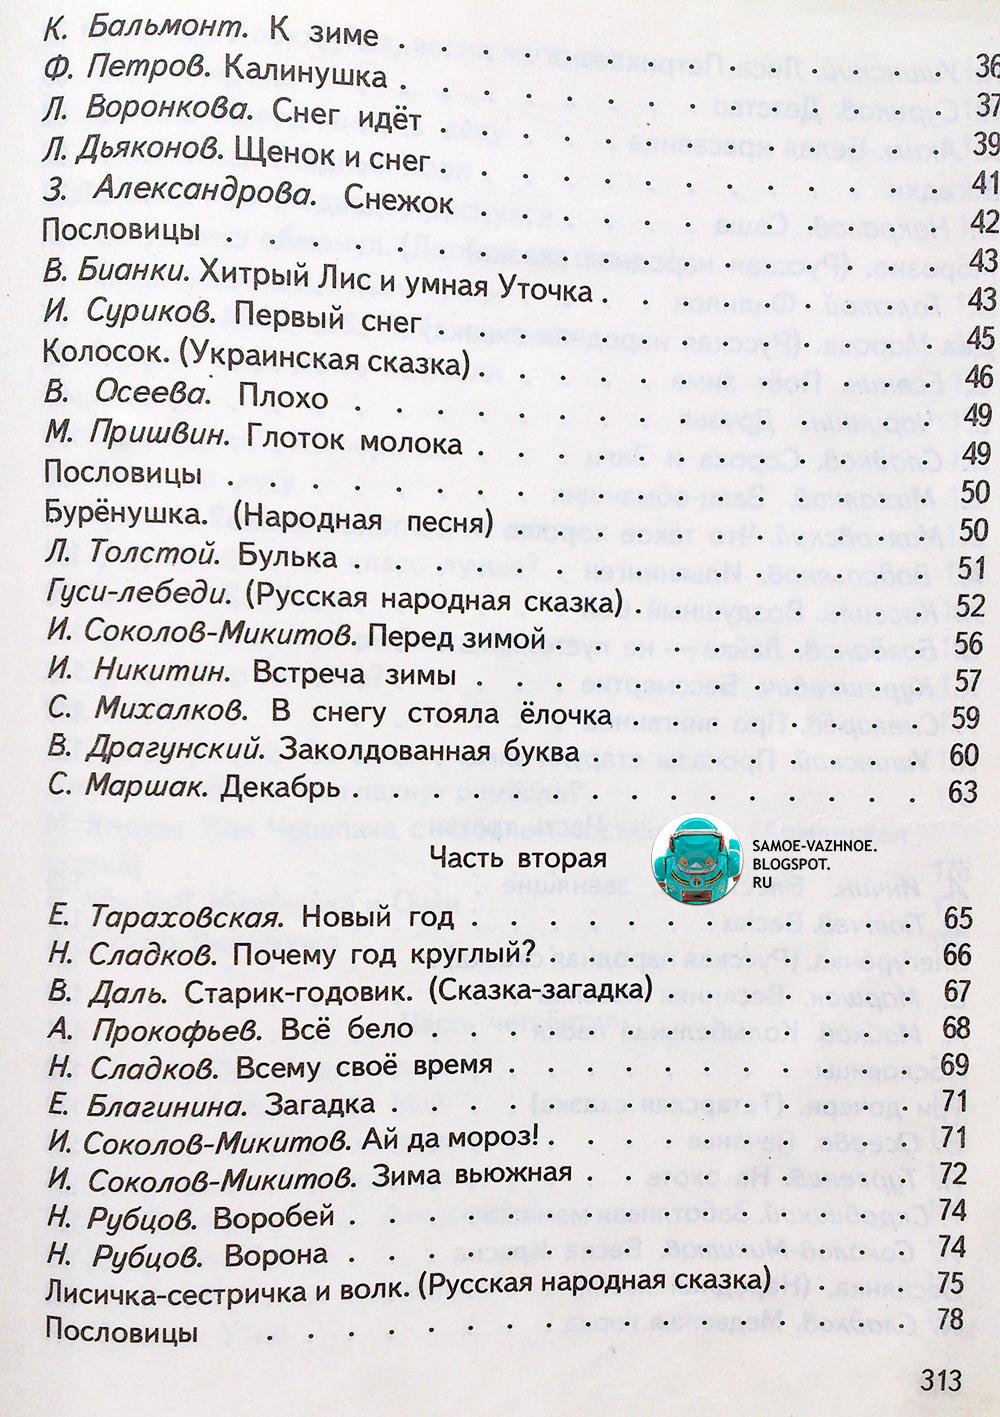 Учебник по литературе СССР содержание